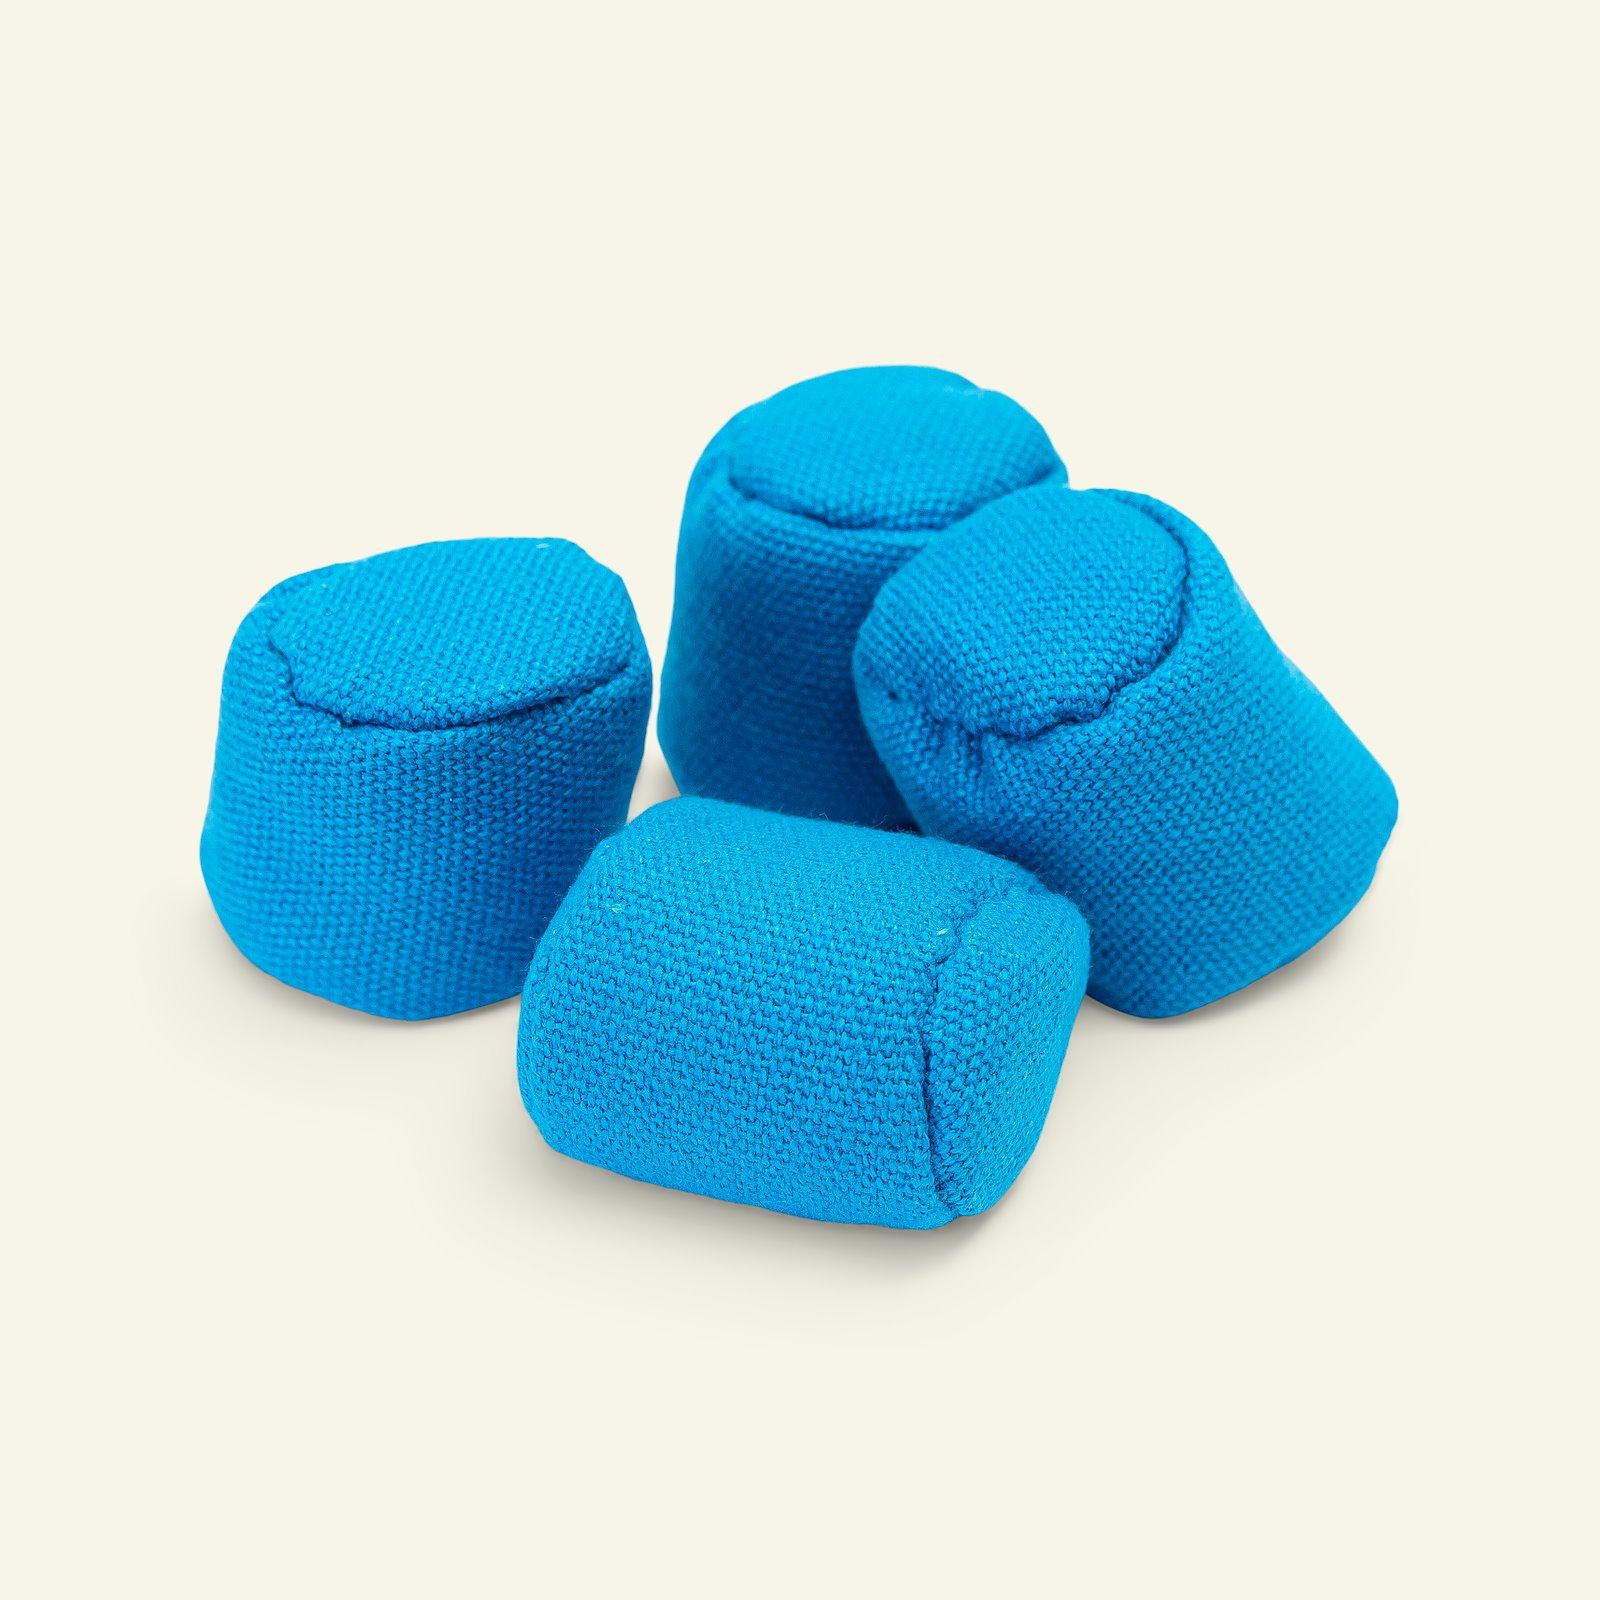 PRYM Mustergewichte Blau, 4 St. 44904_pack